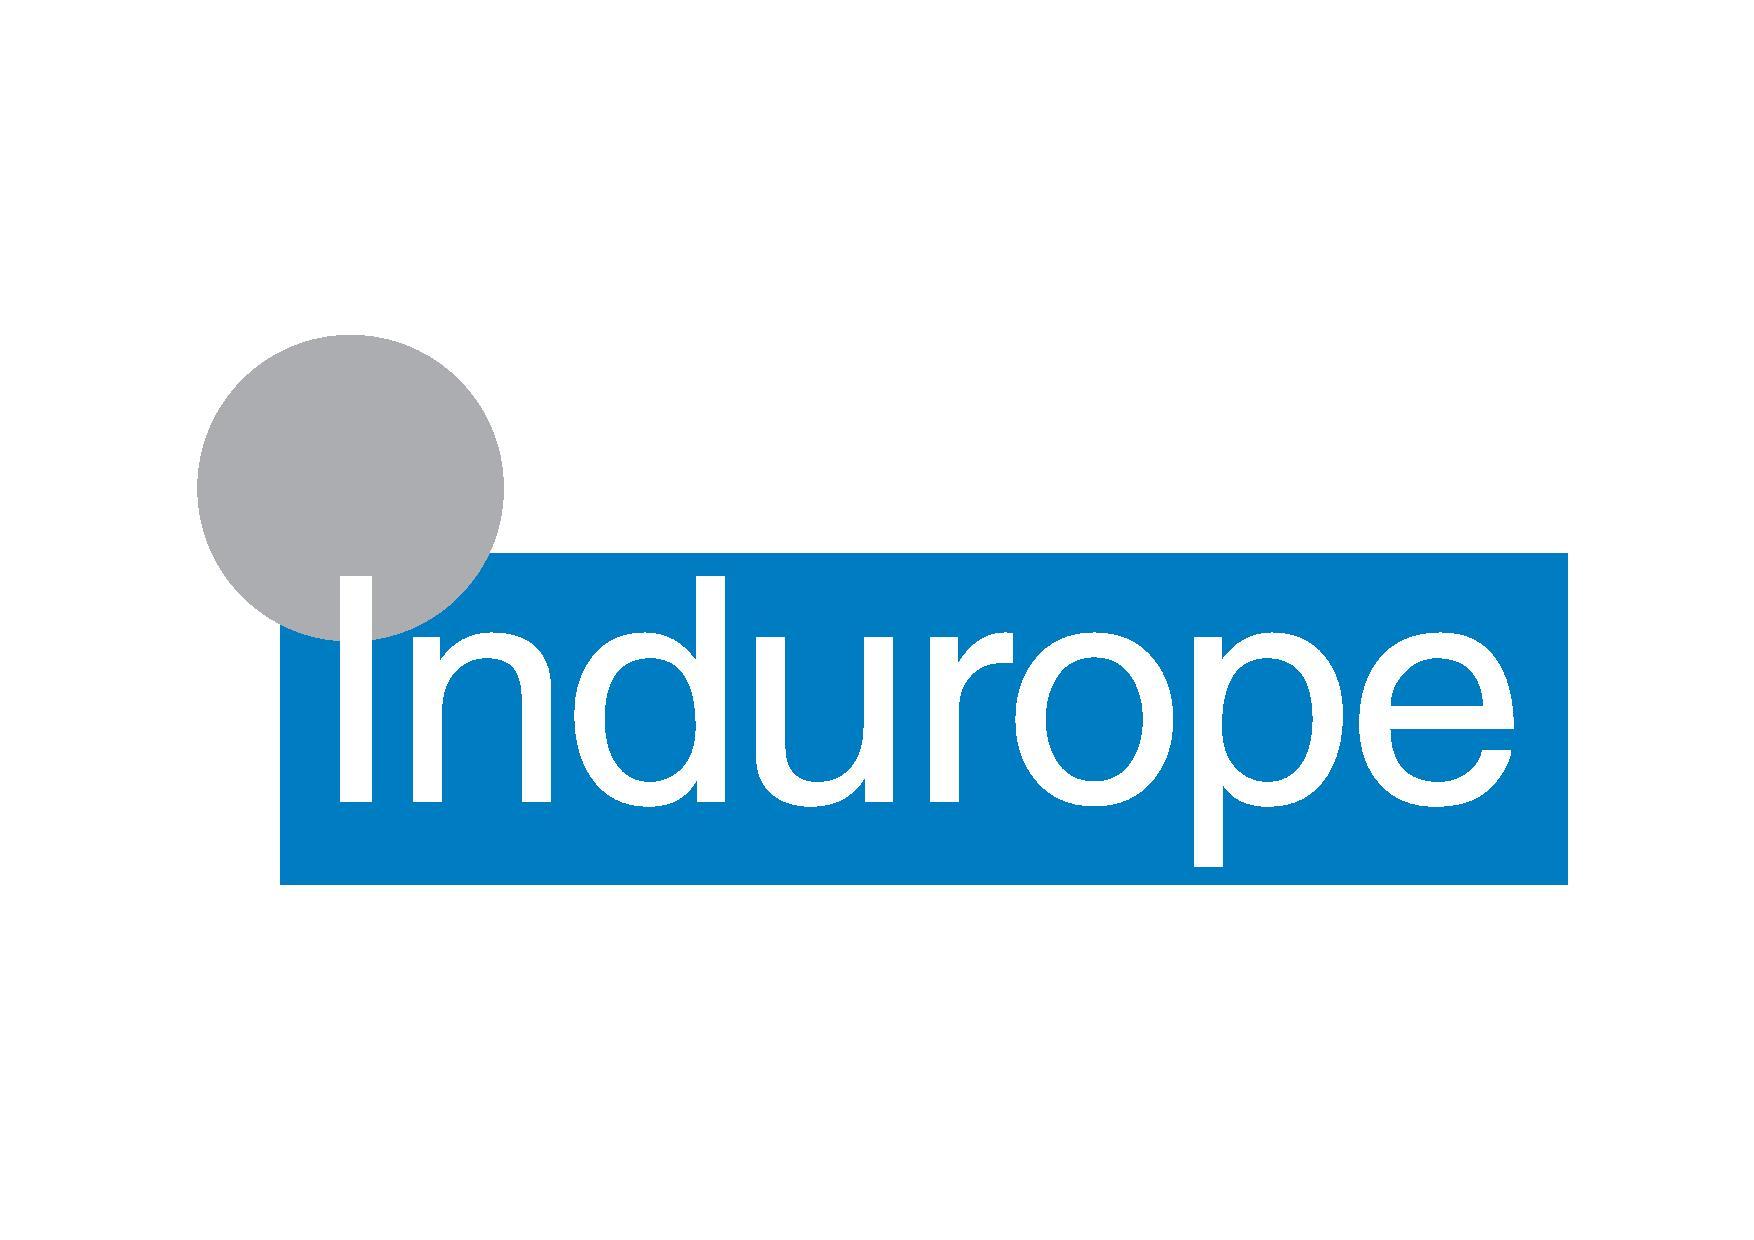 indurope